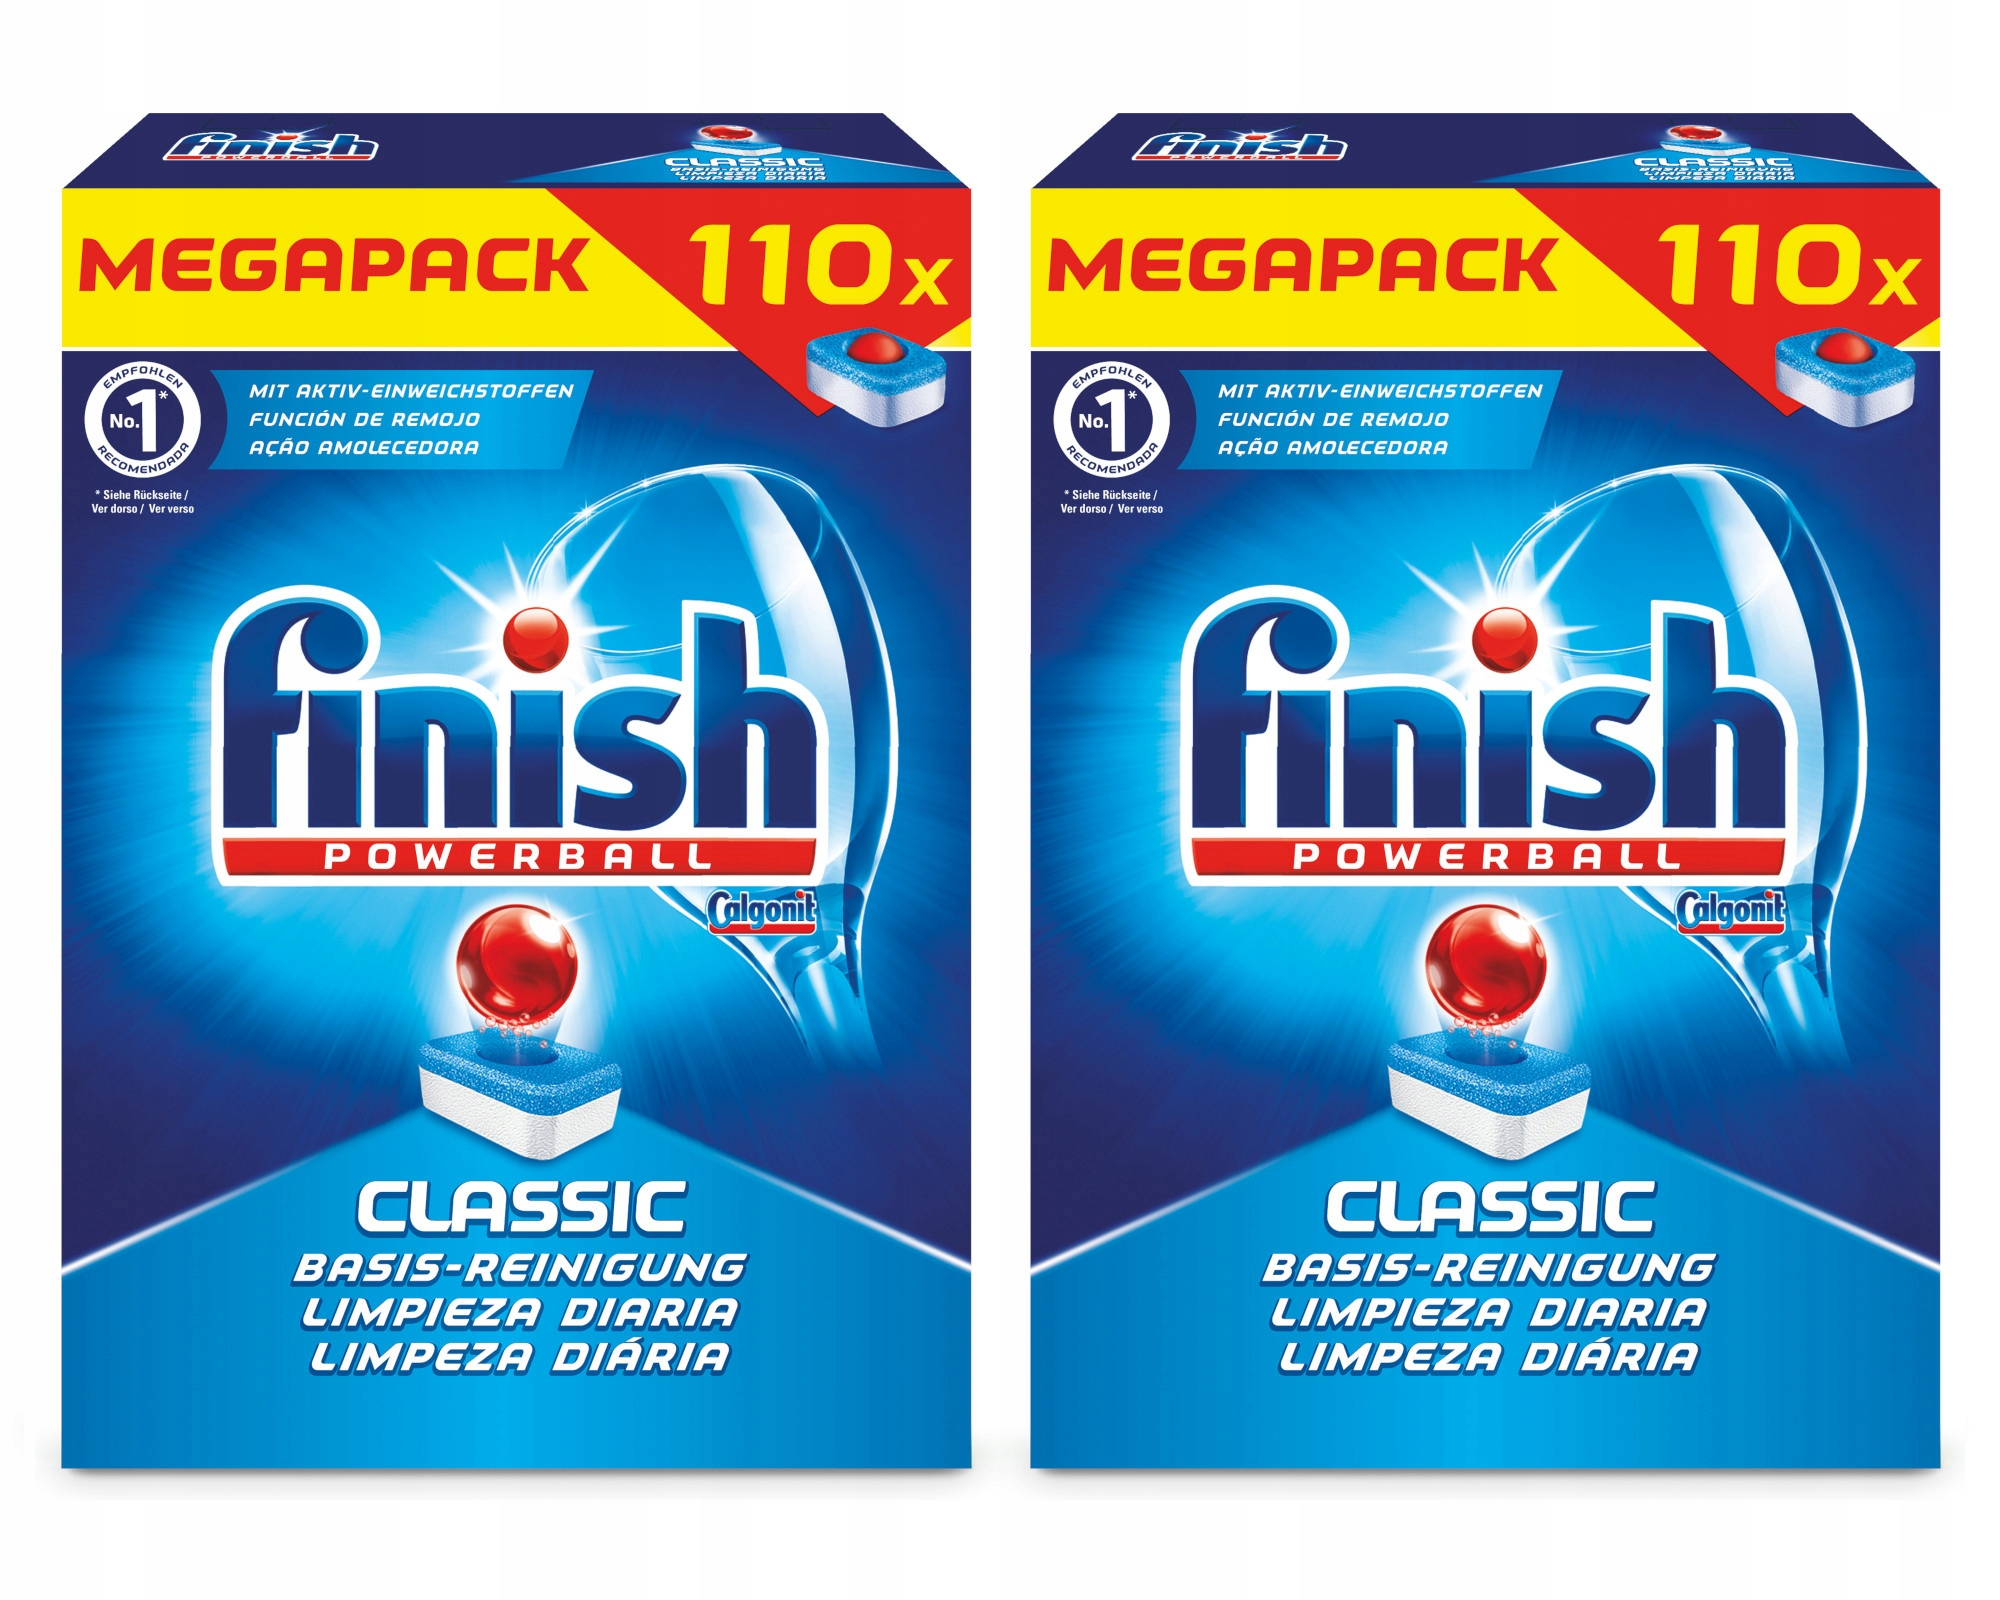 Finish Classic Таблетки для Посудомоечной машины 2x110= 220szt ДЕ